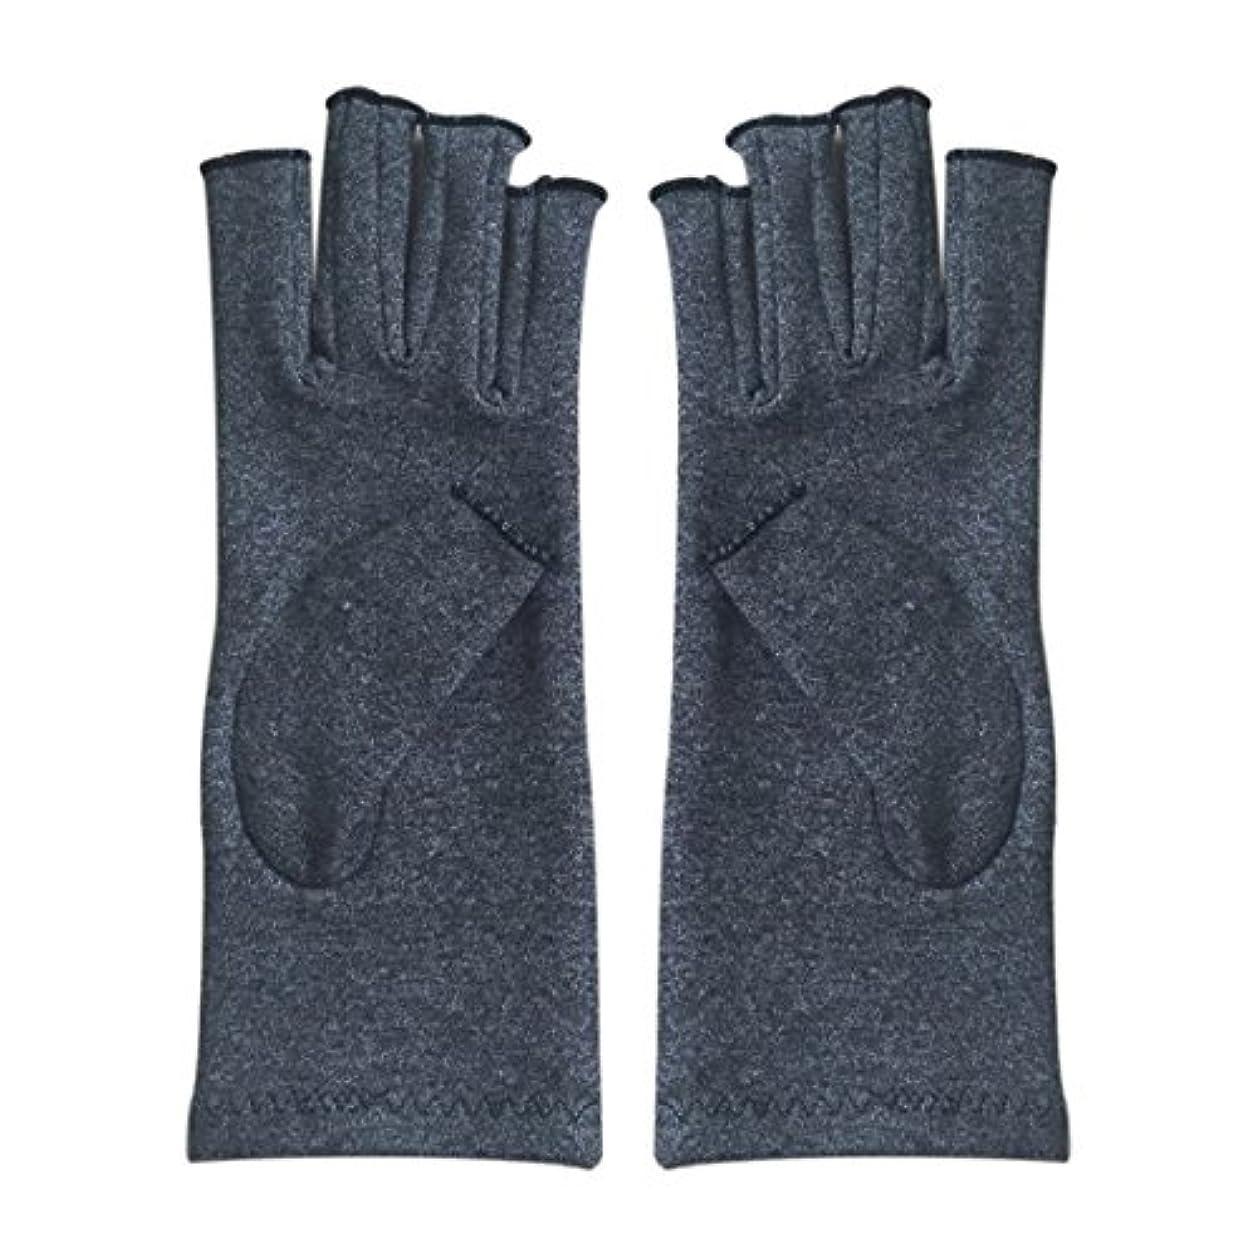 国民誤解するそうでなければACAMPTAR 1ペア成人男性女性用弾性コットンコンプレッション手袋手関節炎関節痛鎮痛軽減M - 灰色、M